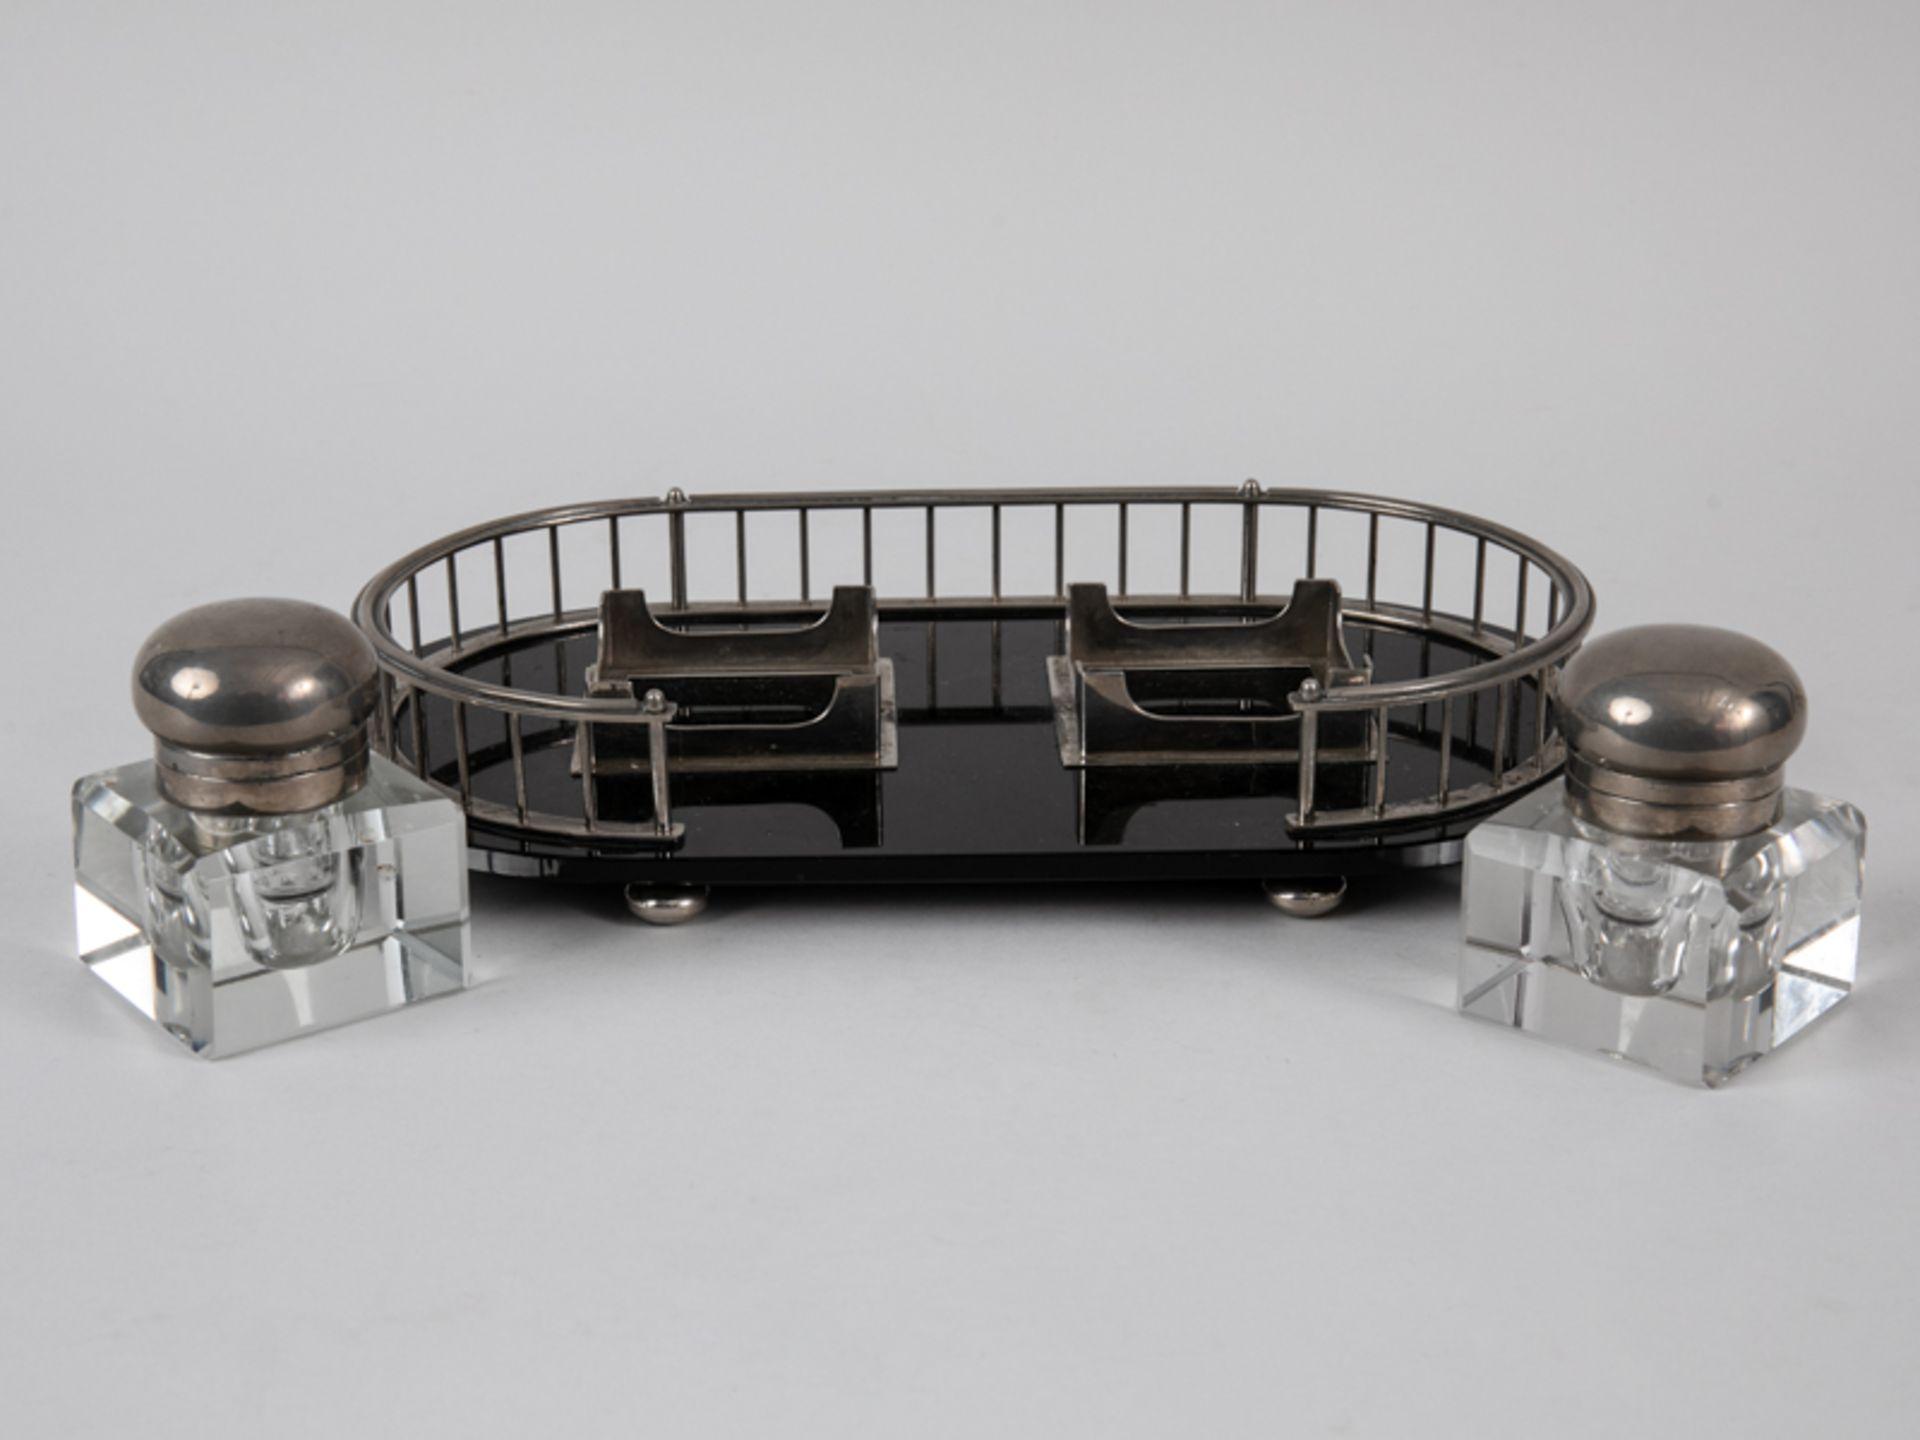 Art-Déco-Schreibtischgarnitur mit 2 Tintenfässern, Anf. 20. Jh. Glas und Nickel; 3-teilig, be - Bild 3 aus 6